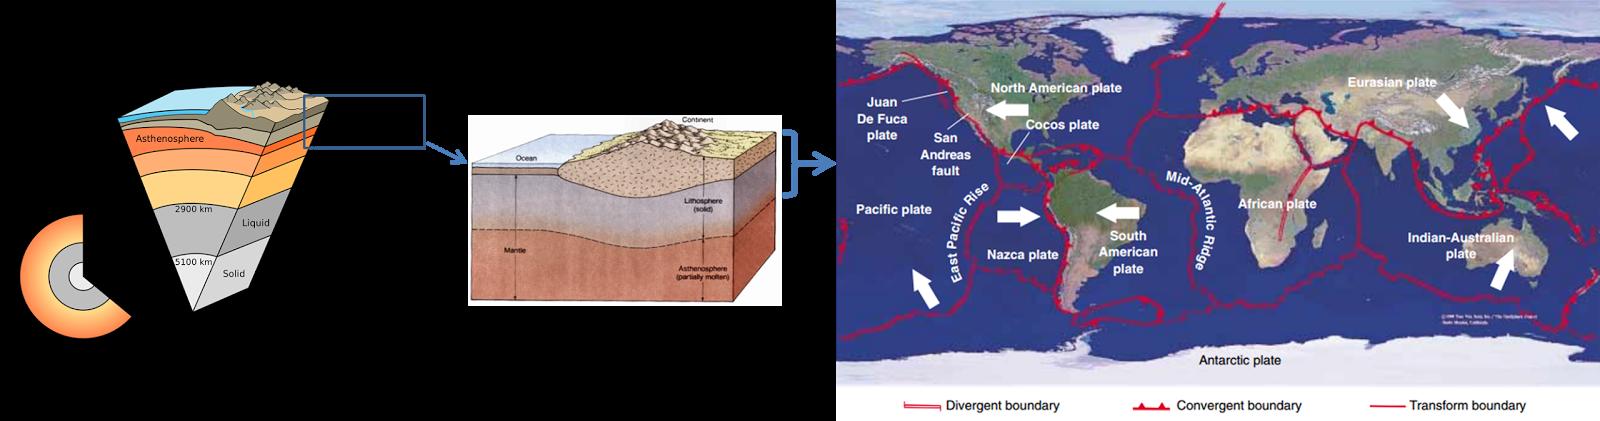 Gempa Yang Terjadi Karena Adanya Pergerakan Lempeng Dunia ...